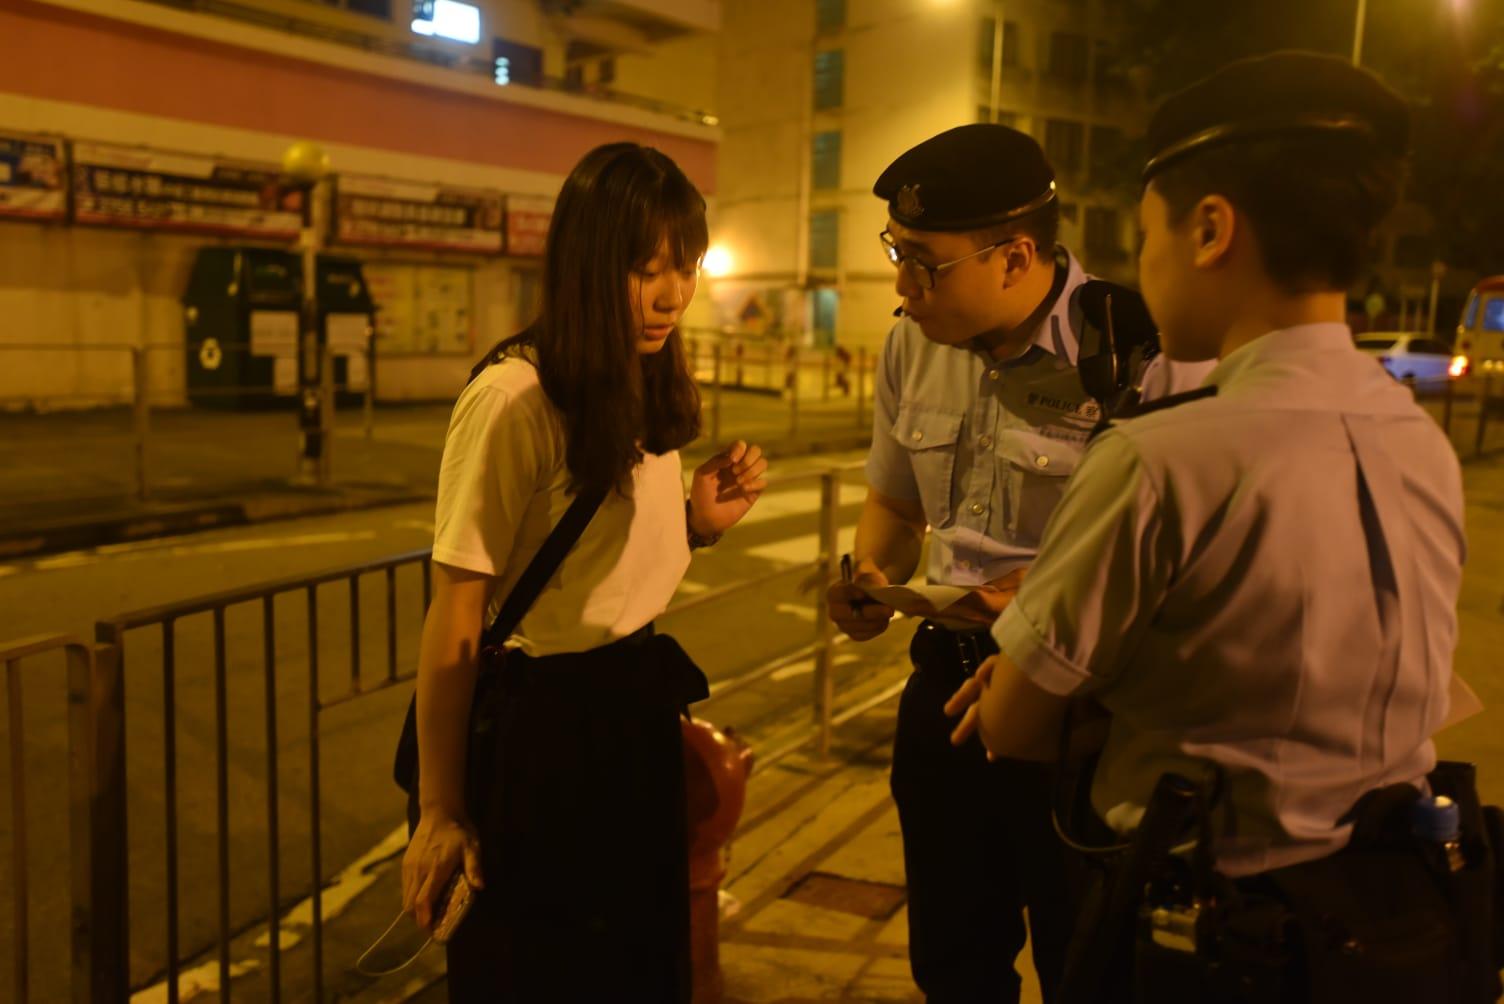 警員向途人進行問卷調查。